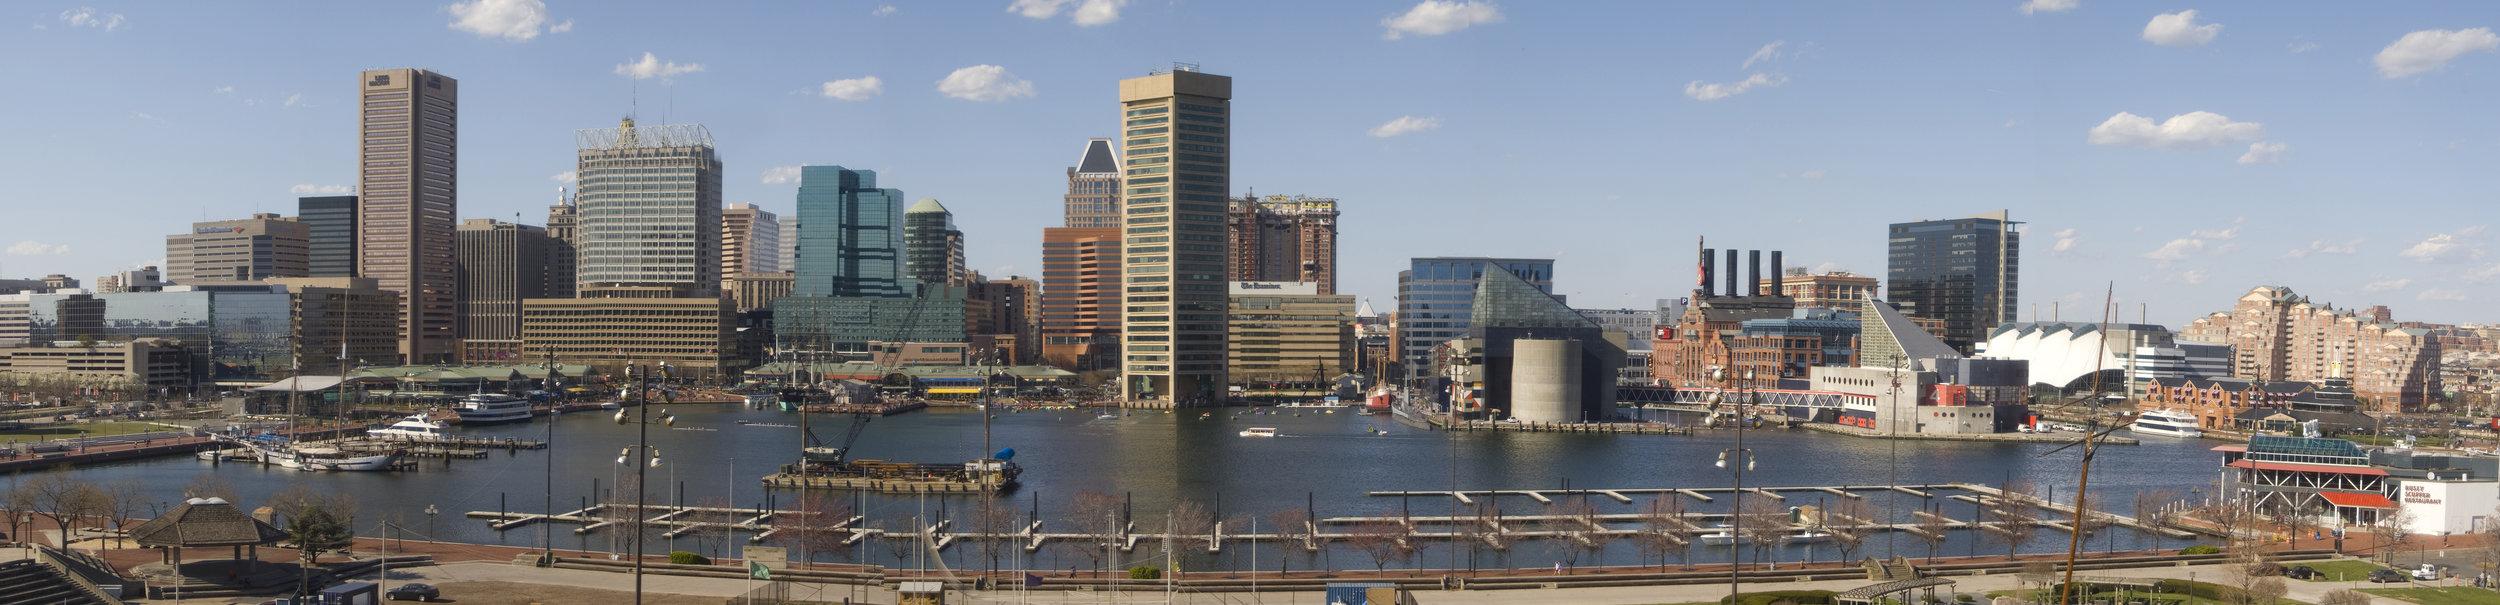 The Skyline of Baltimore's Inner Harbor